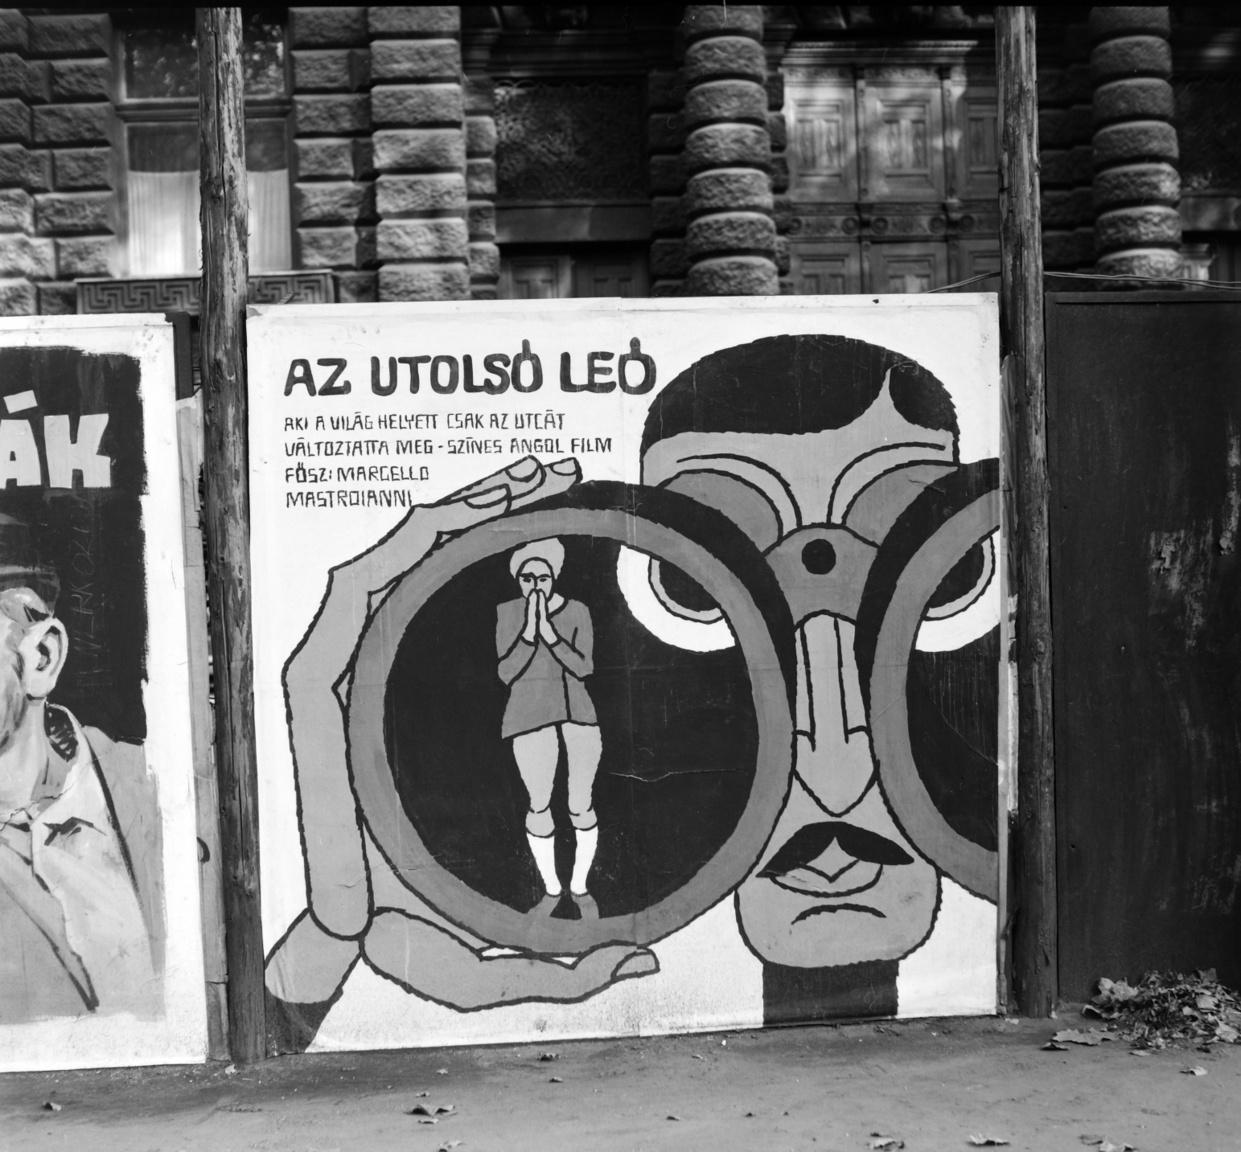 """Az utolsó Leó című filmet (1970, R. John Boorman), angol víg dráma műfaji besorolással az ifjabb nézőknek szánták. A komikus plakát egy elegáns, gondosan elválasztott hajú, komolykodó urat ábrázol, aki távcsőbe bújva figyeli közvetlen környezetét. A felirat is kifigurázza igyekezetét: """"Aki a világ helyett csak az utcát változtatta meg."""" Marcello Mastroianni neve természetesen még ráfért az utcai alkotásra. A plakátok alakja figyelemreméltó, ugyanis a négyzetes elrendezés meglehetősen ritka volt, Az utolsó Leó esetében le is maradt az előregyártott téglalap alakú kép jobb széle. A hirdetési felületet az Andrássy úti (Néphadsereg út) Bábszínház aládúcolt épülete adta (1971)."""